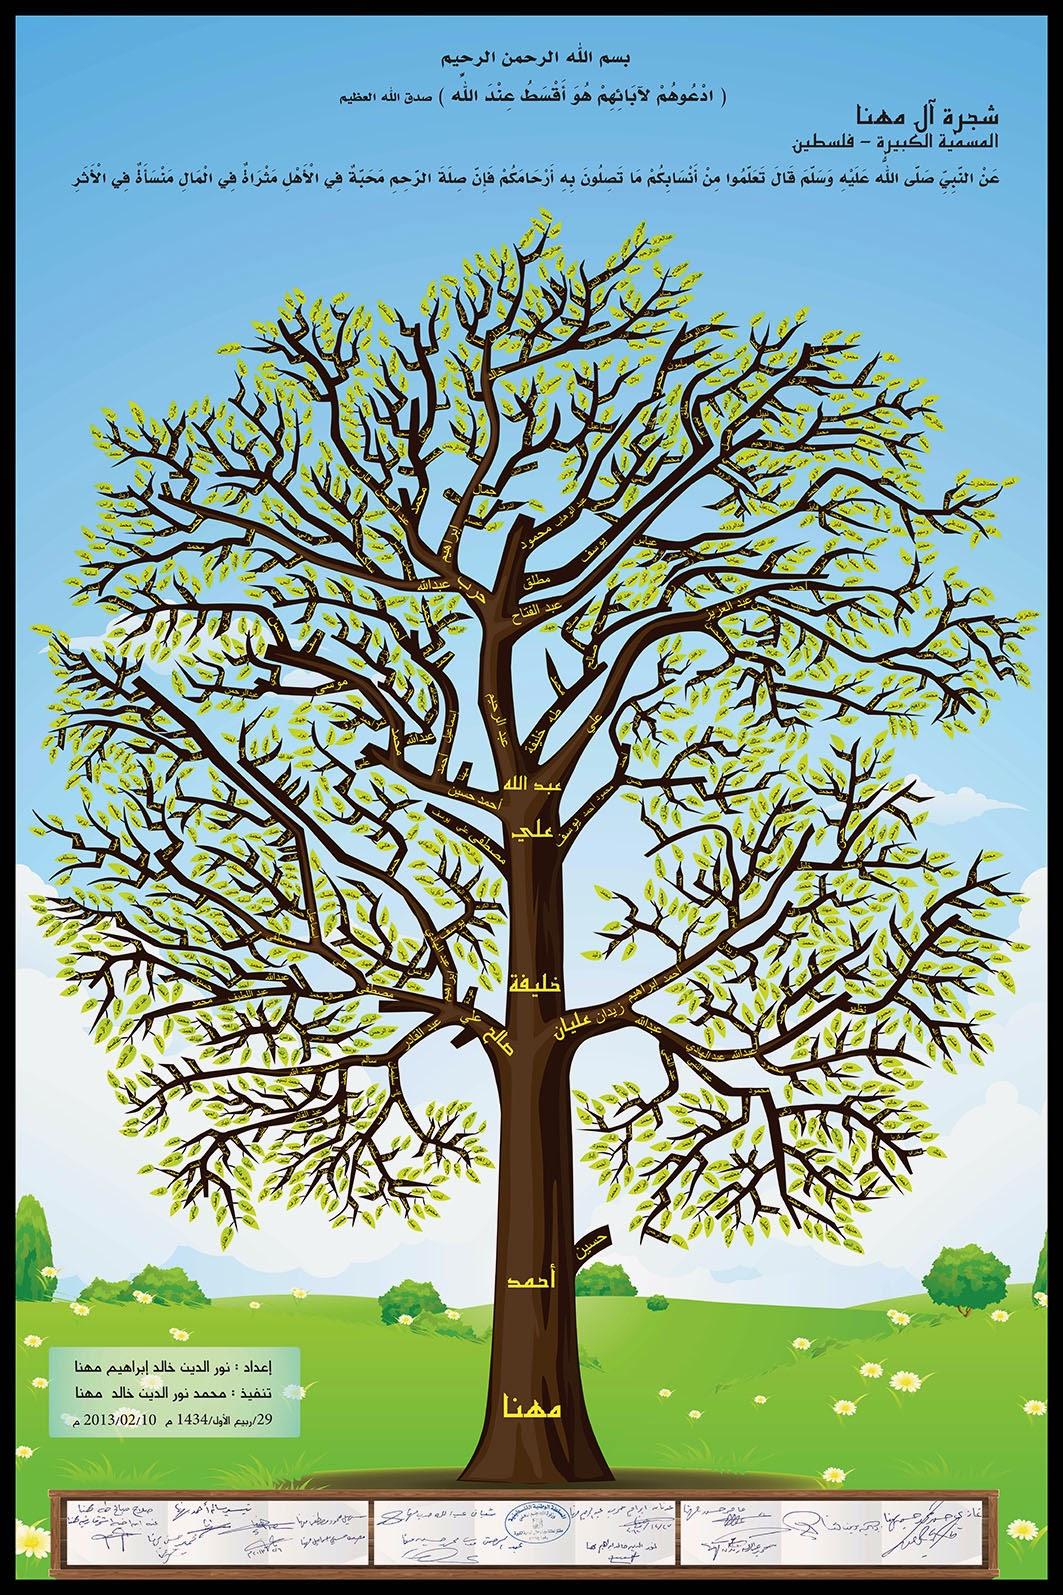 شجرة عائلة آل مهنا في فلسطين المسمية الكبيرة شجرة عائلة آل مهنا في فلسطين المسمية الكبيرة